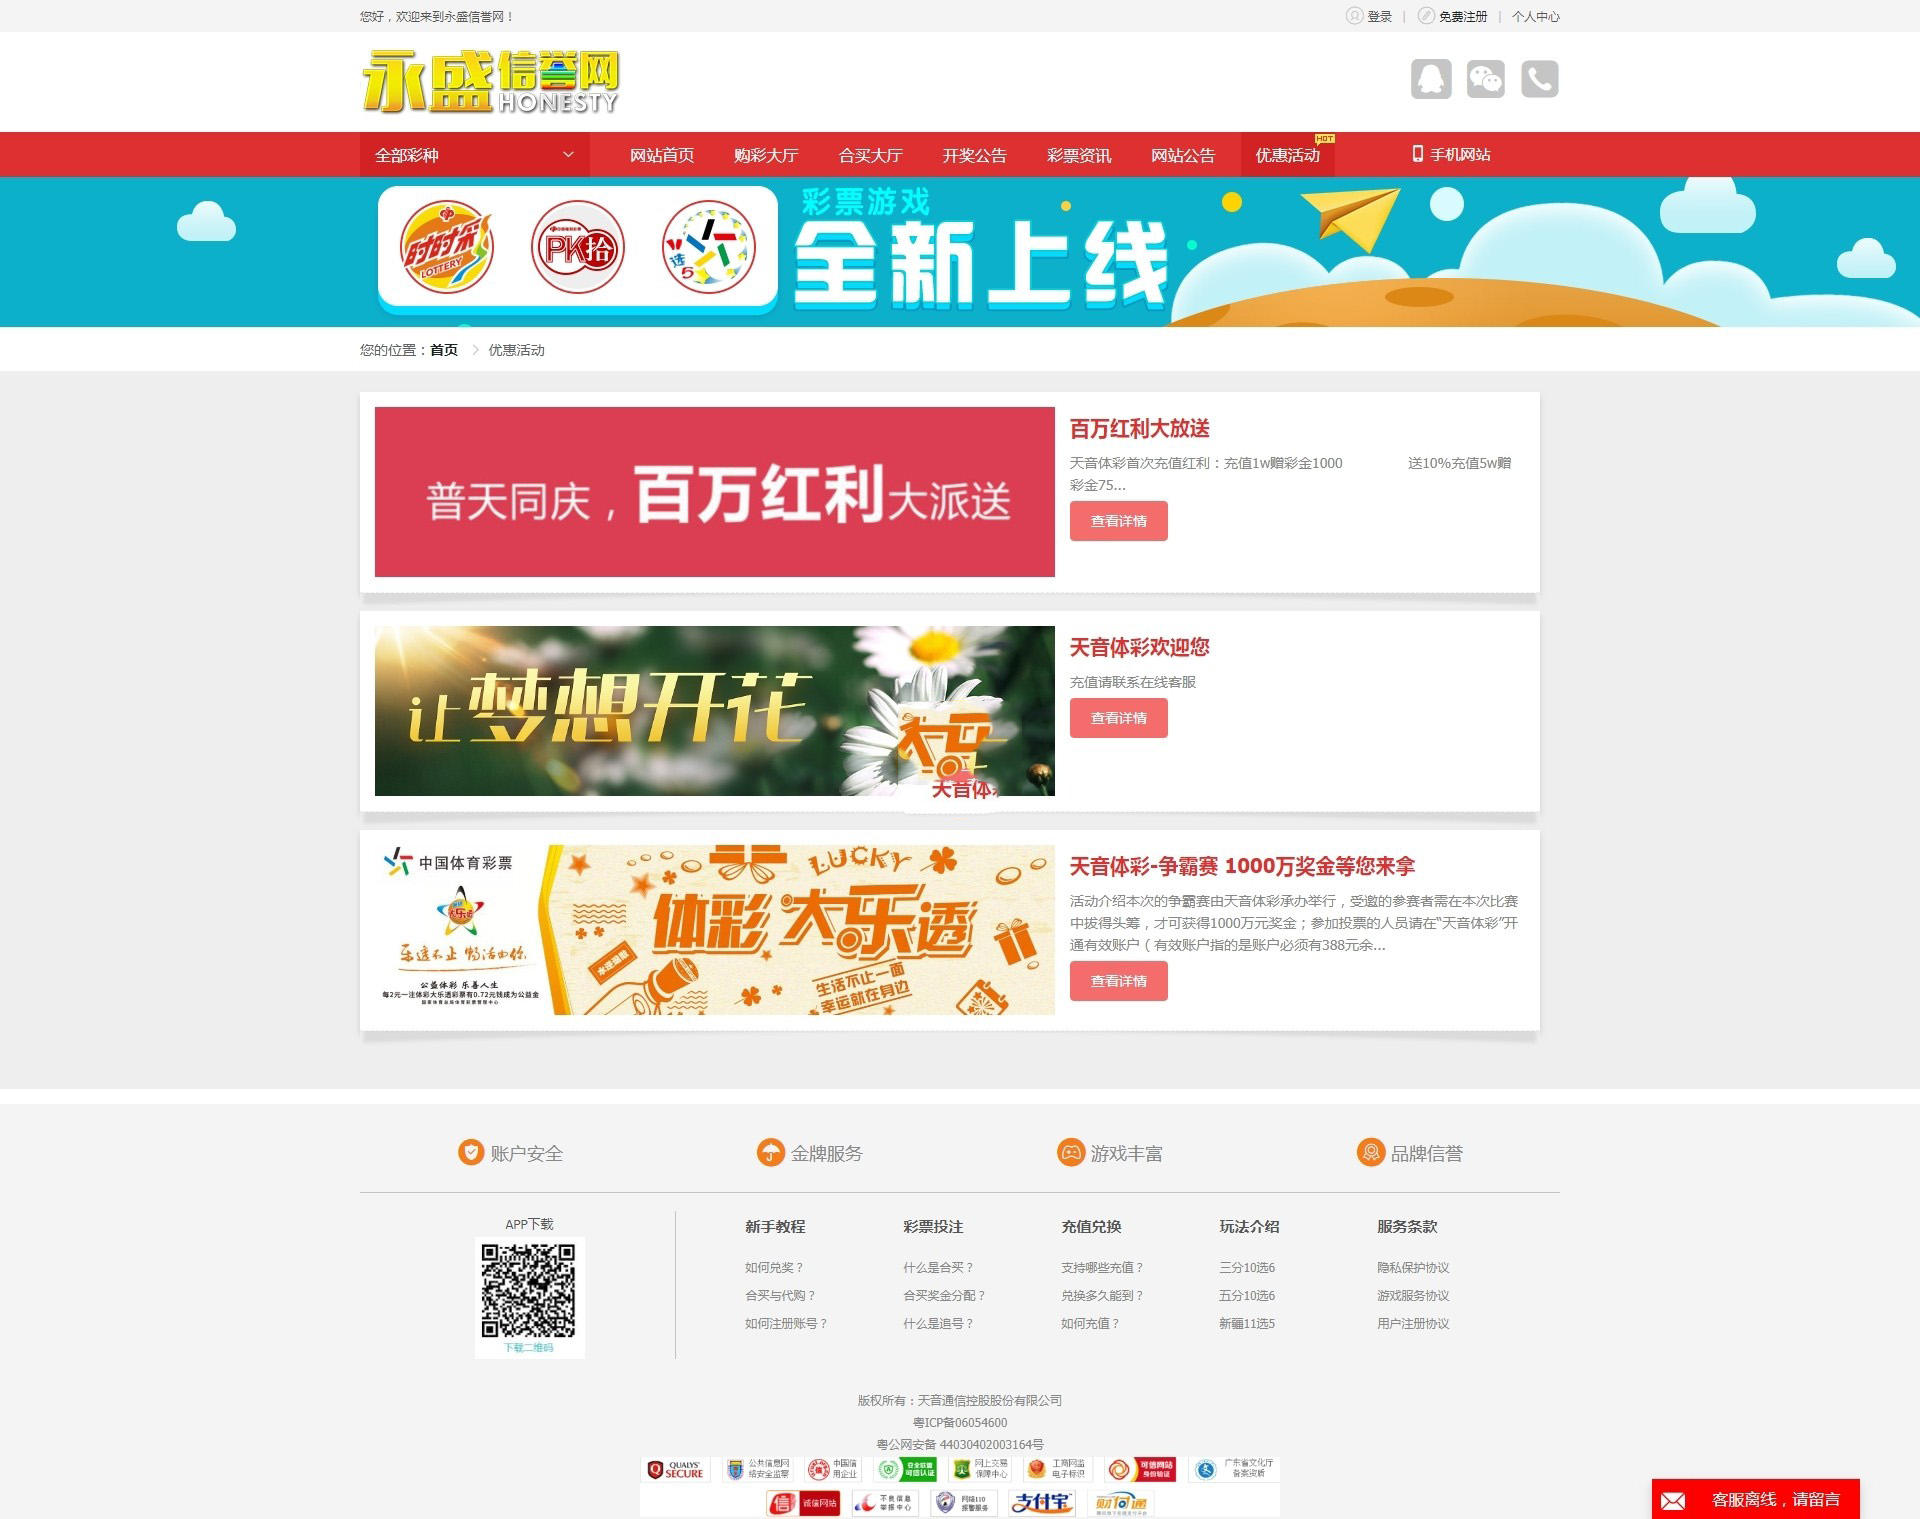 酷睿合买永盛娱乐CP网站系统源码V5.0版-爱资源分享